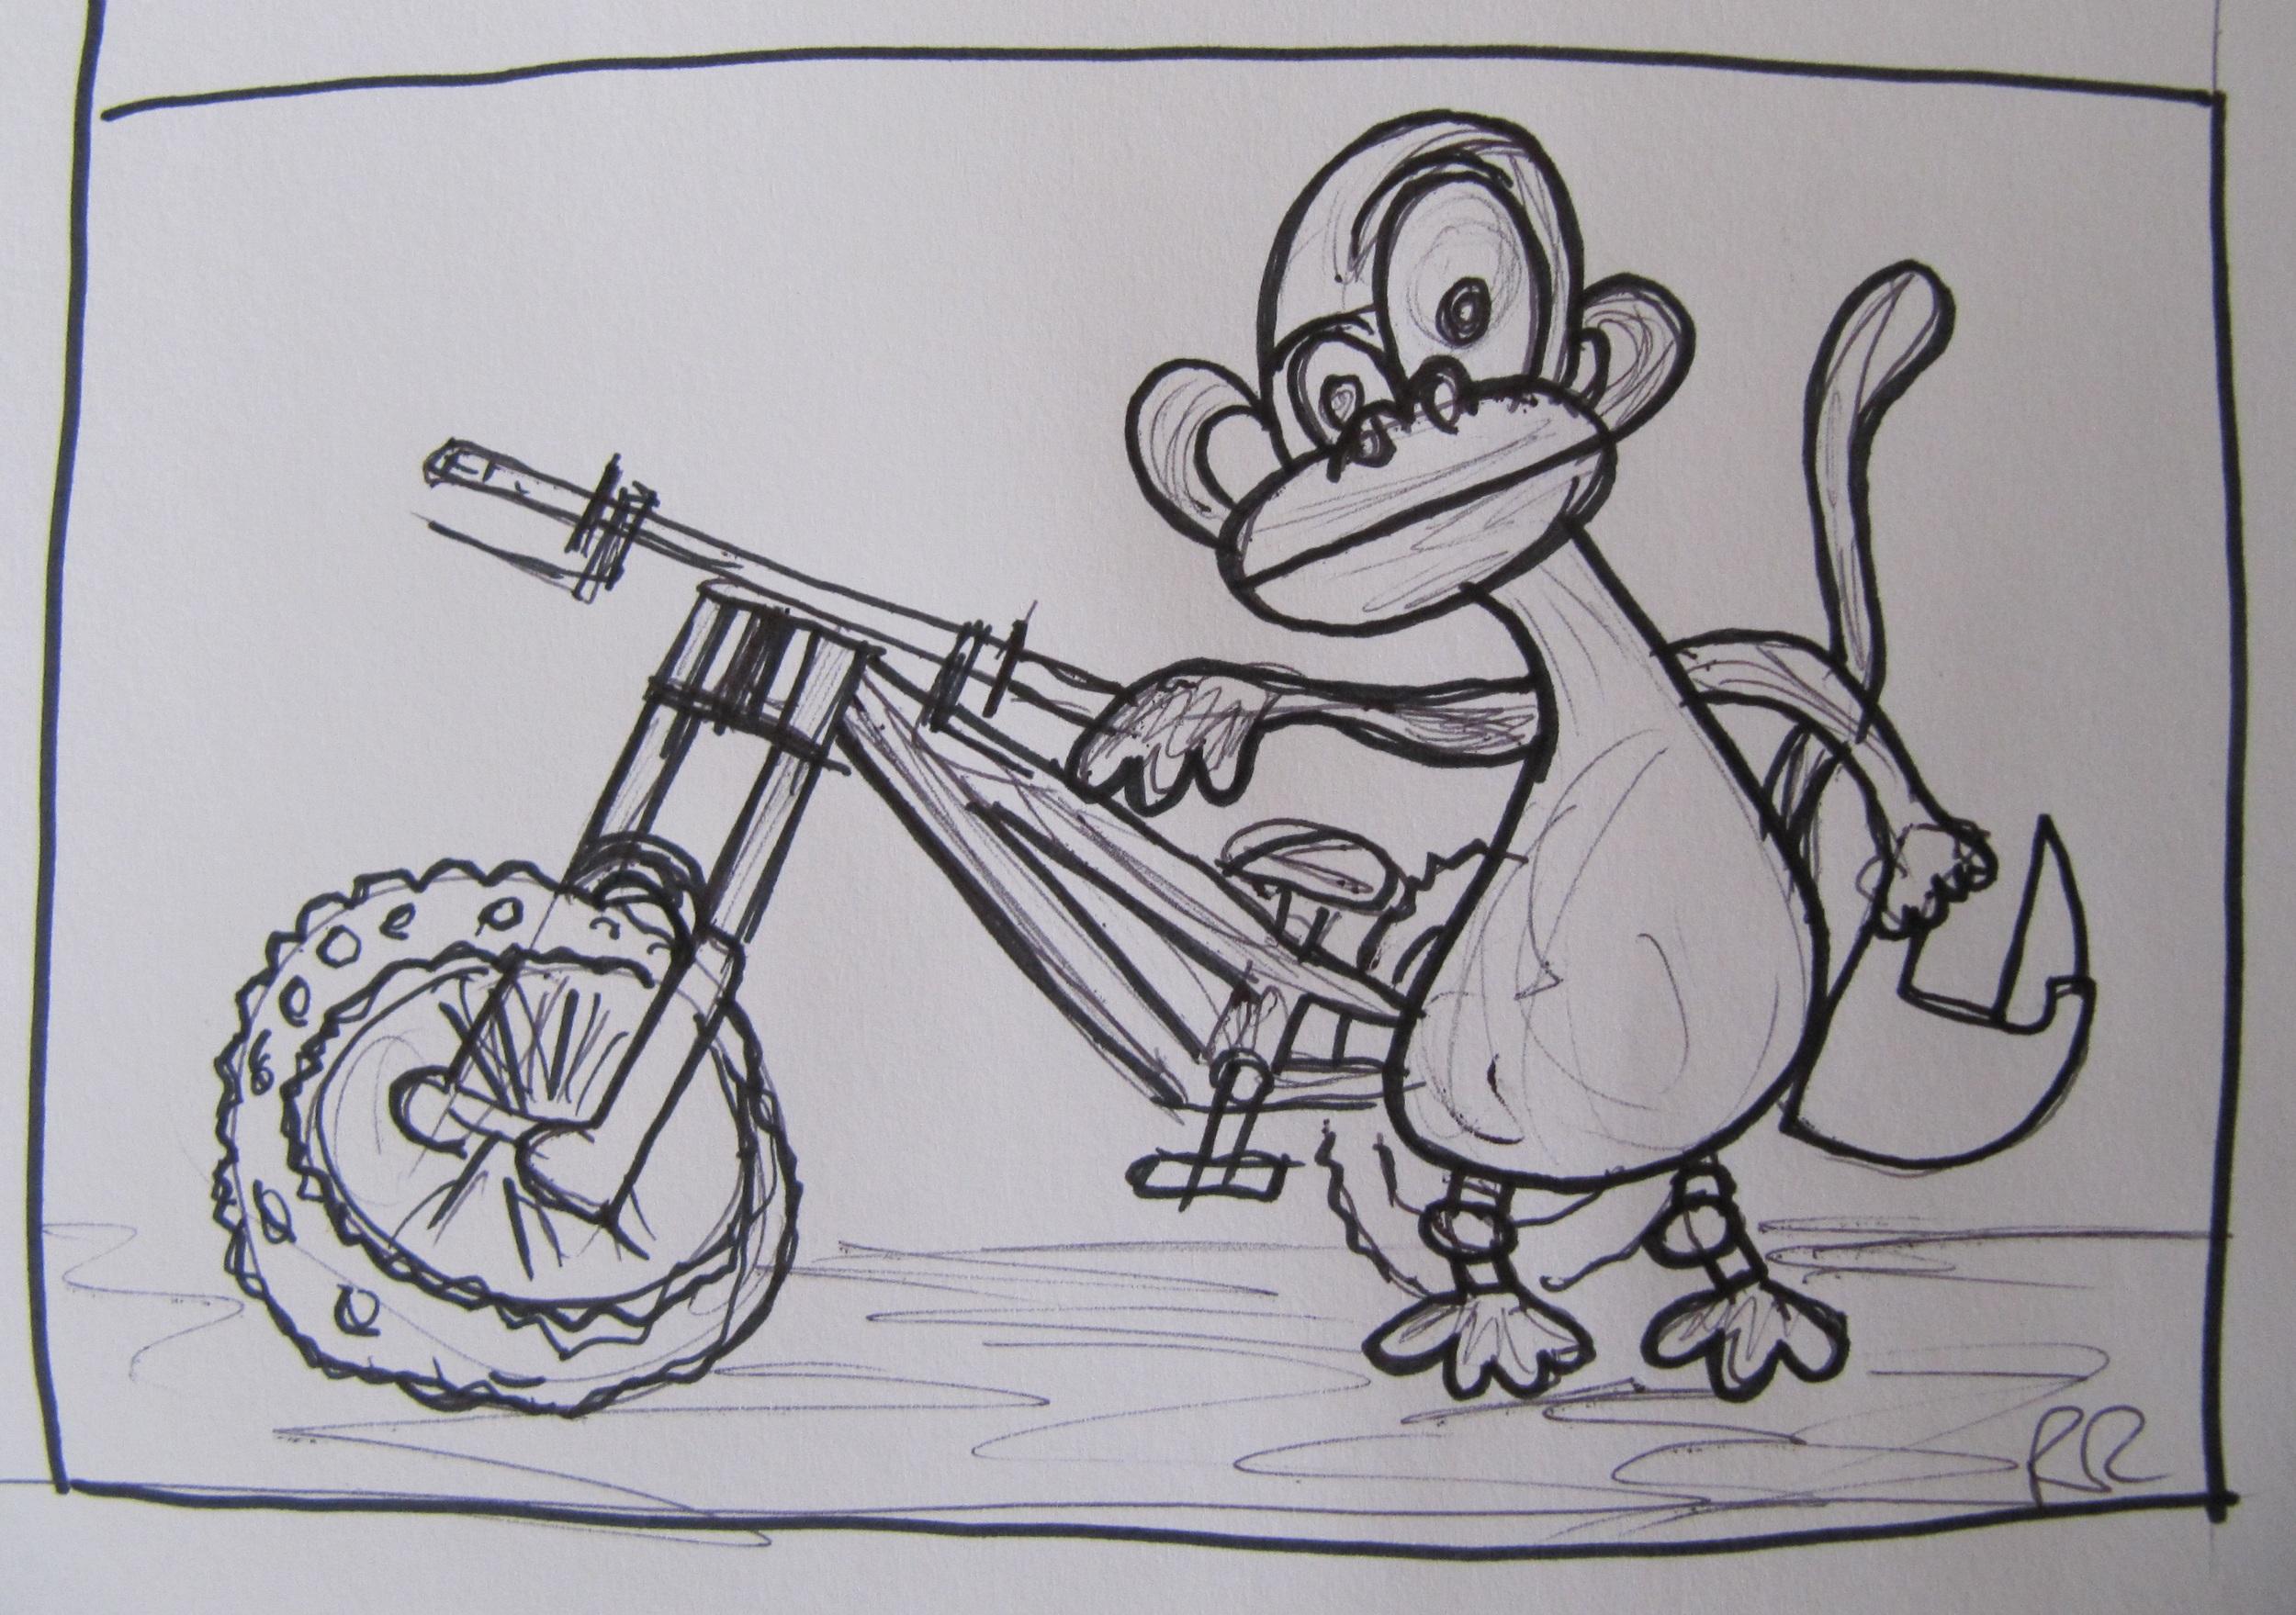 dh monkey